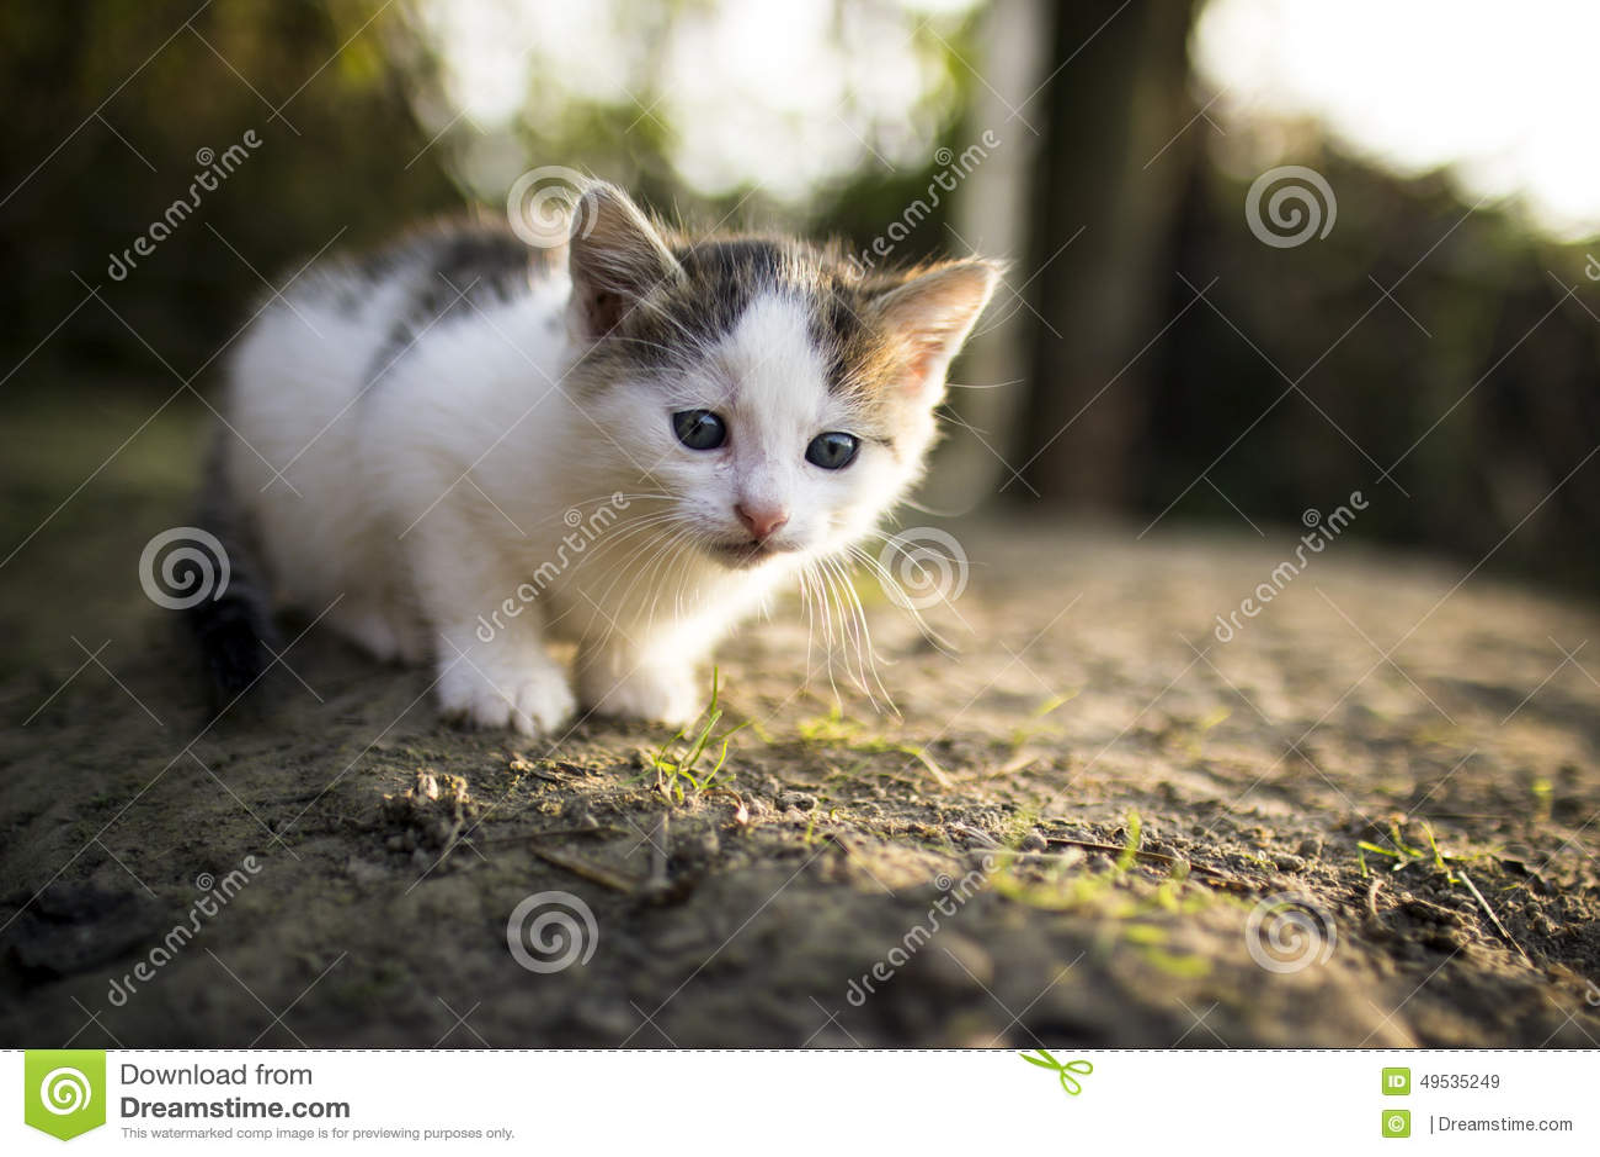 Animal de estimação animal doce só do gato